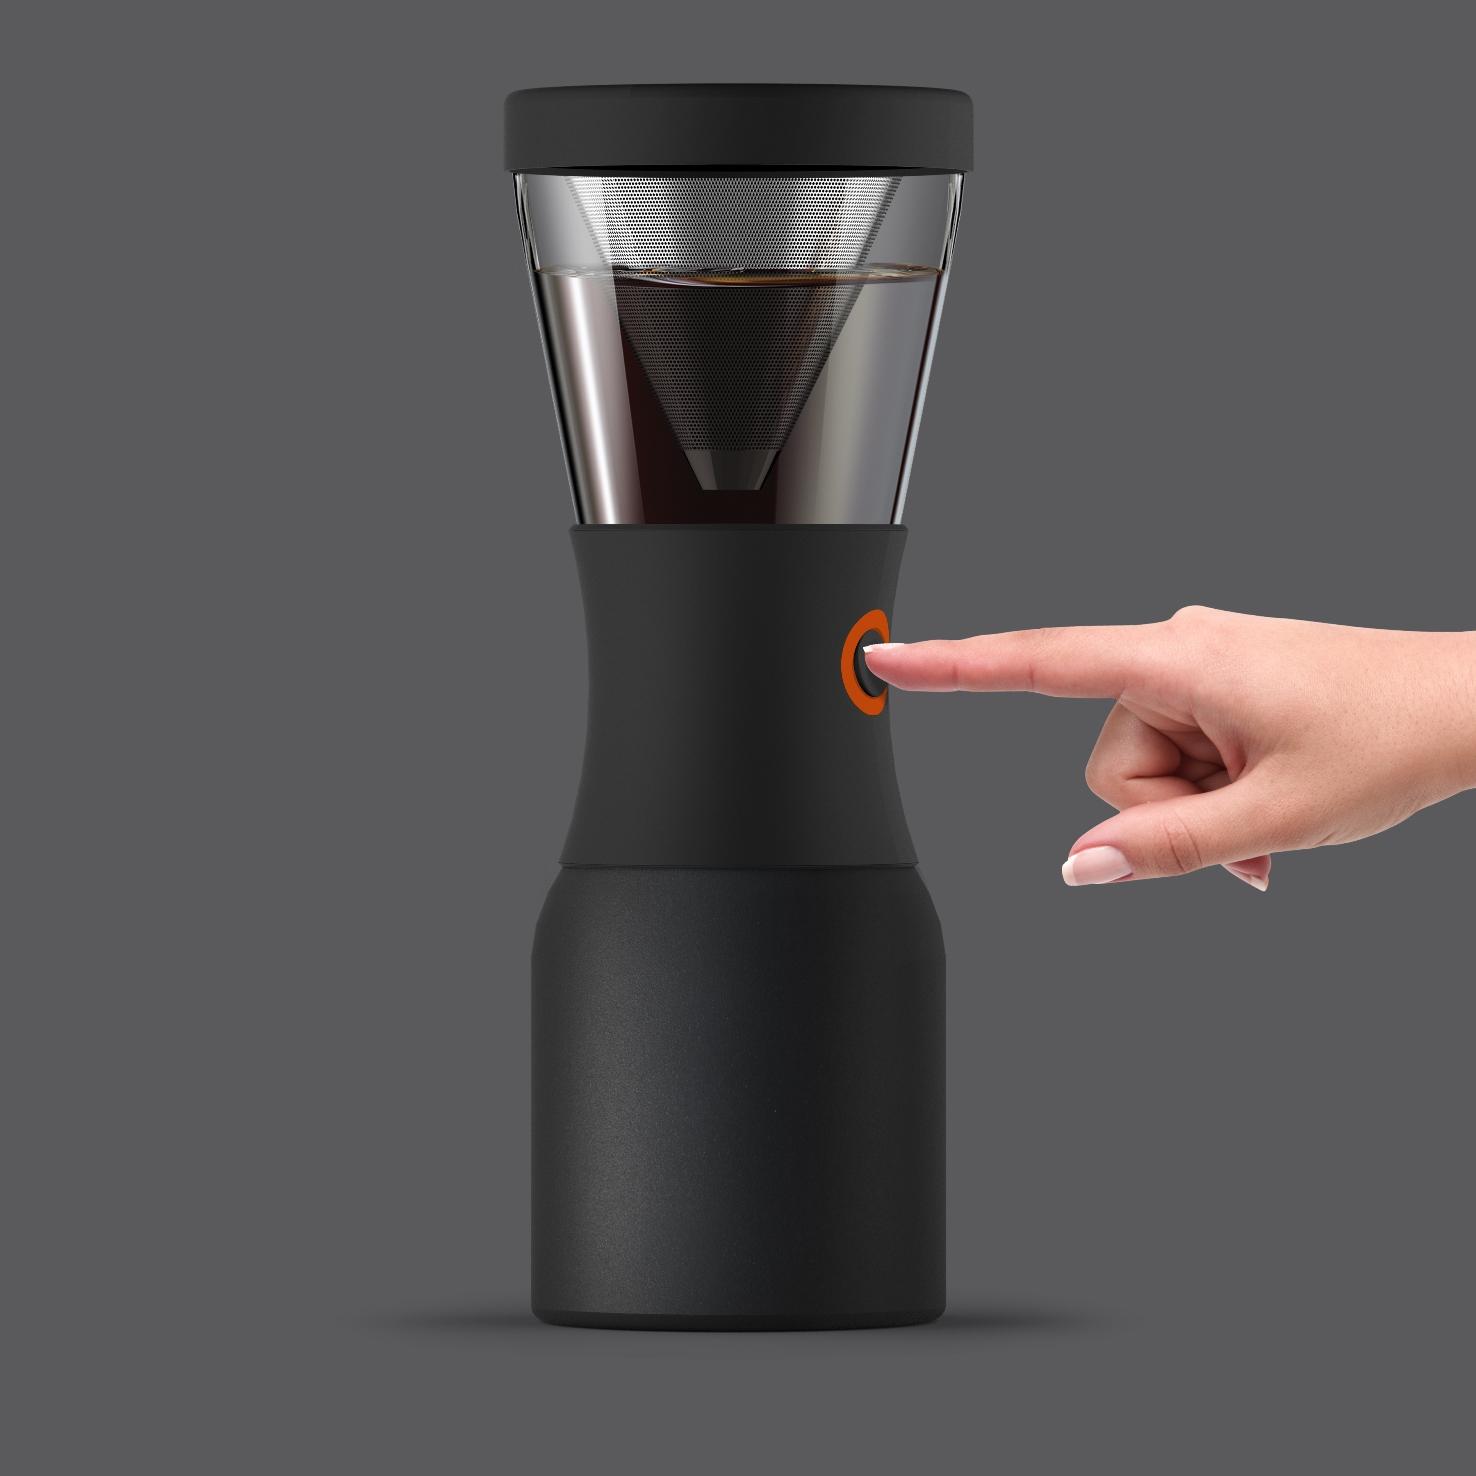 Кофеварка портативная Asobu COLD BREWCOFFEE, 1,1 л, черный Asobu KB900 BLACK фото 5